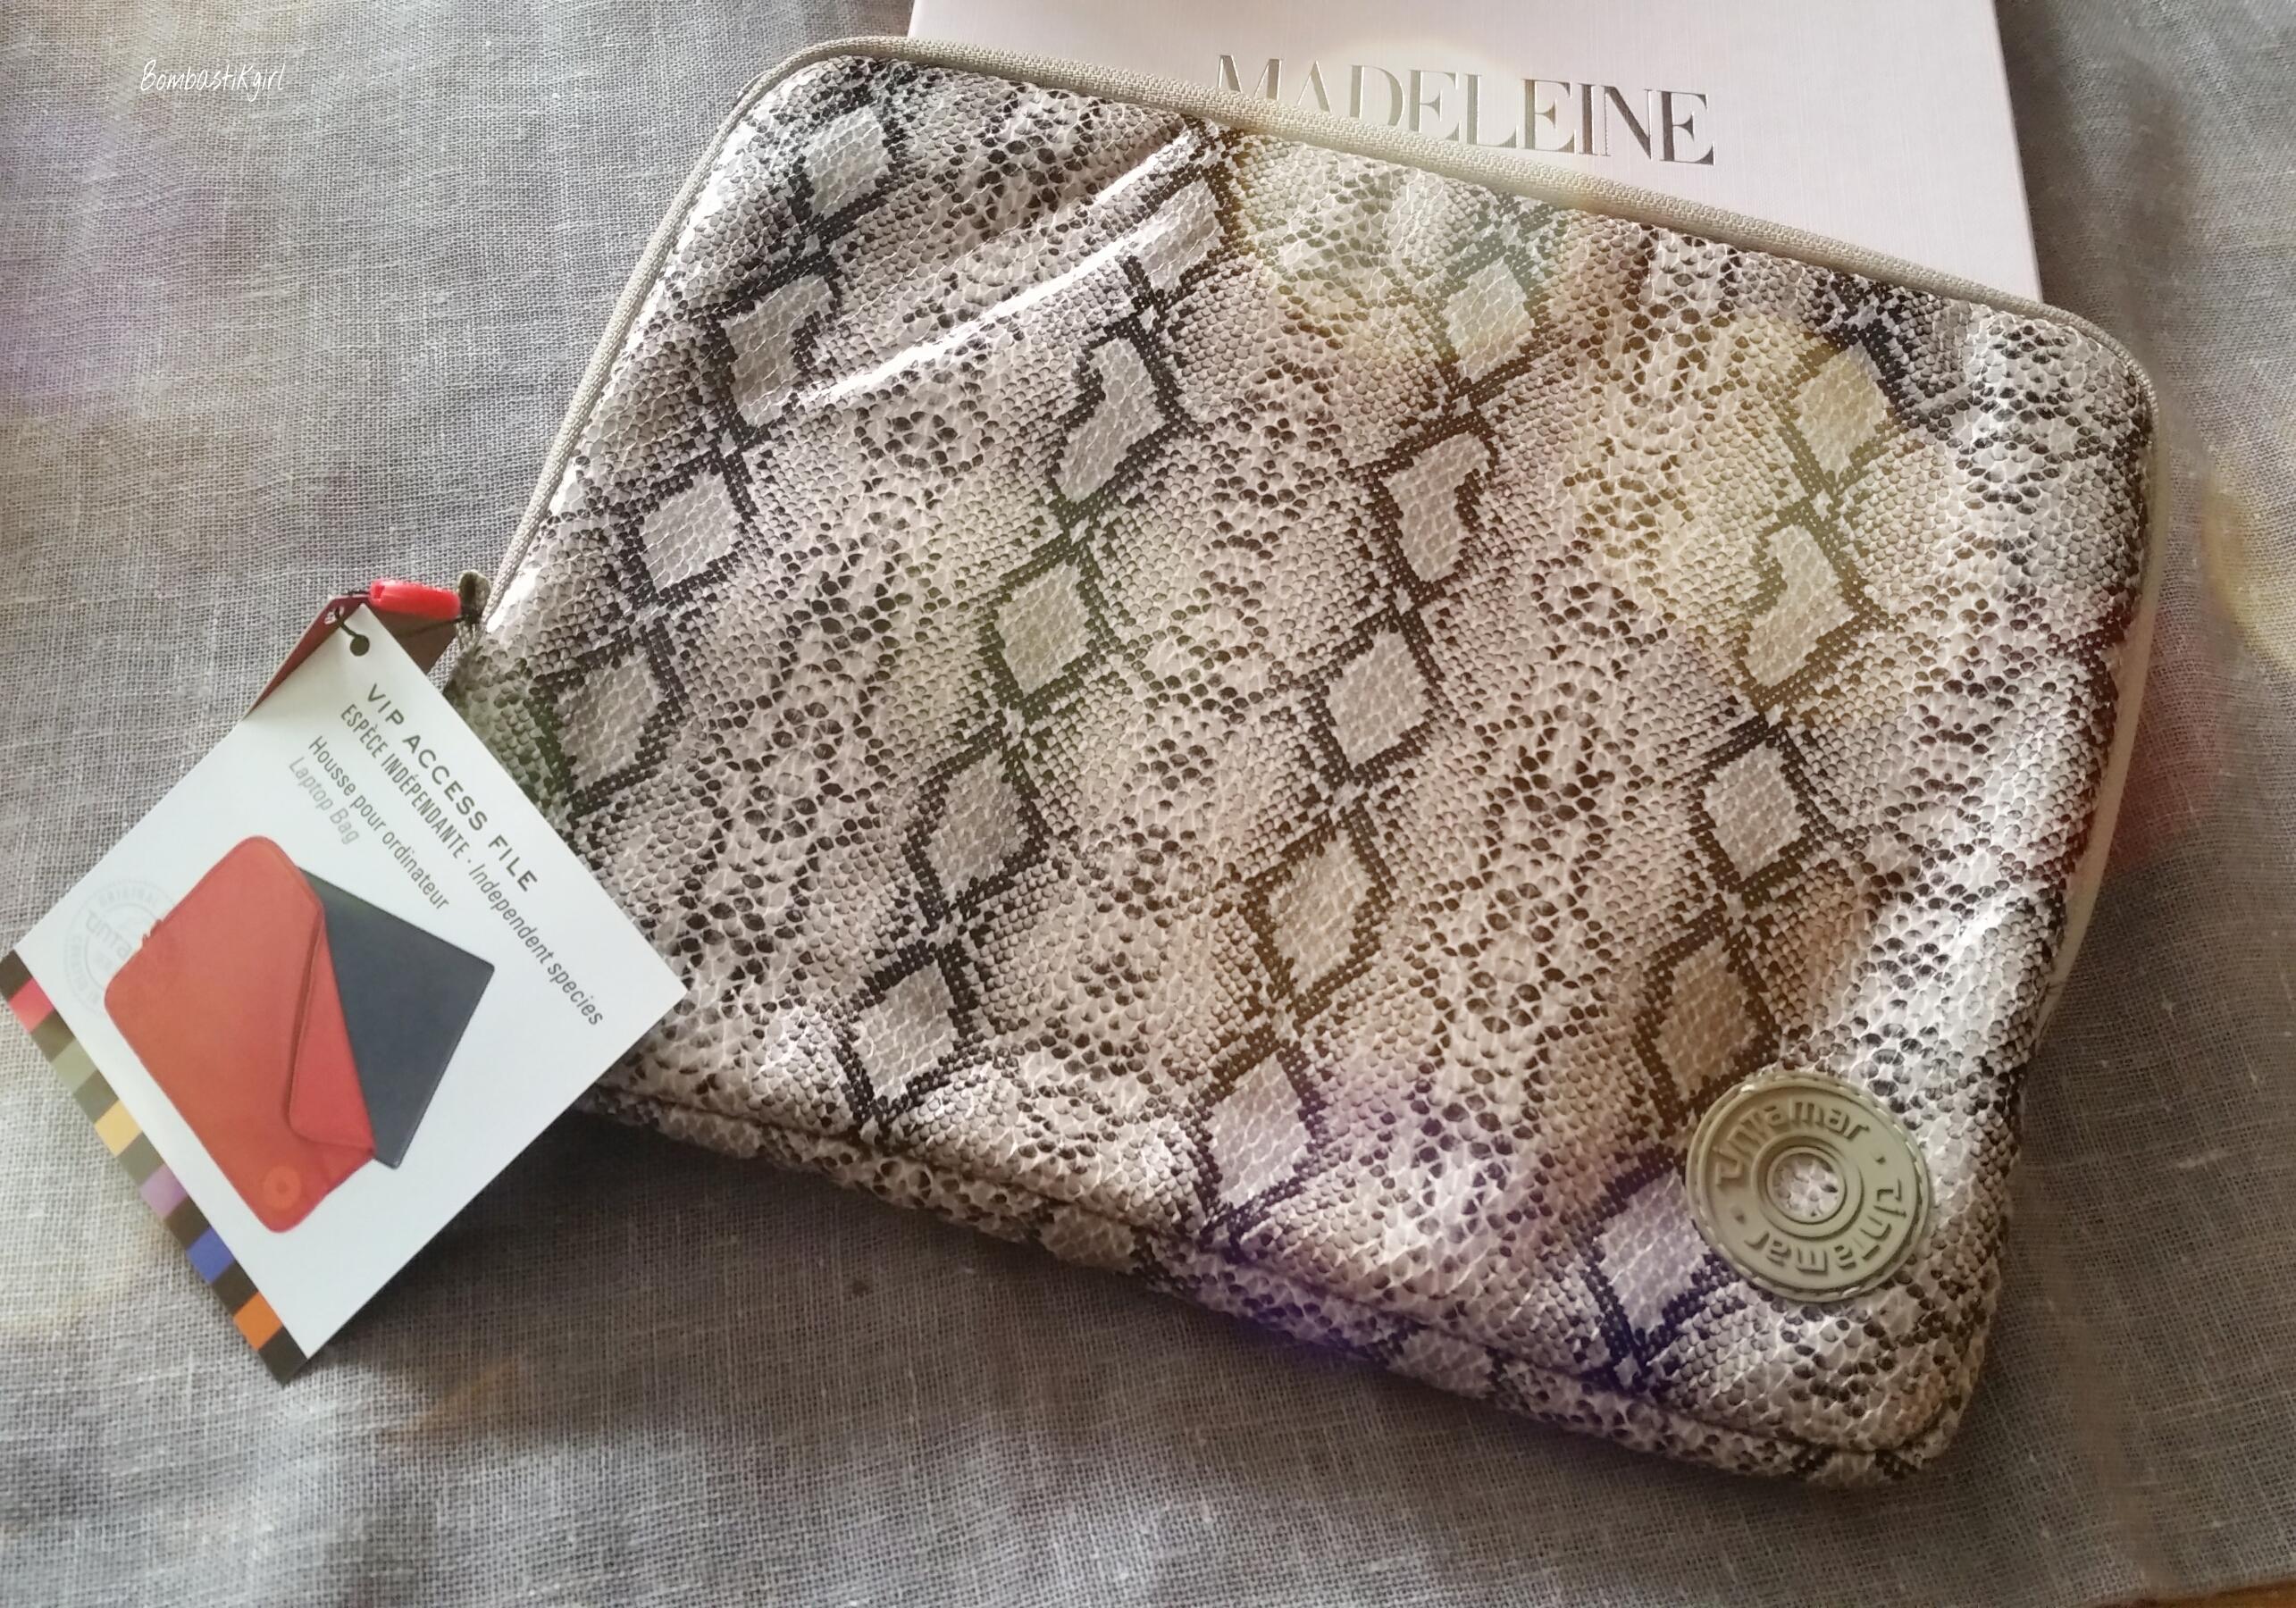 Madeleine Box